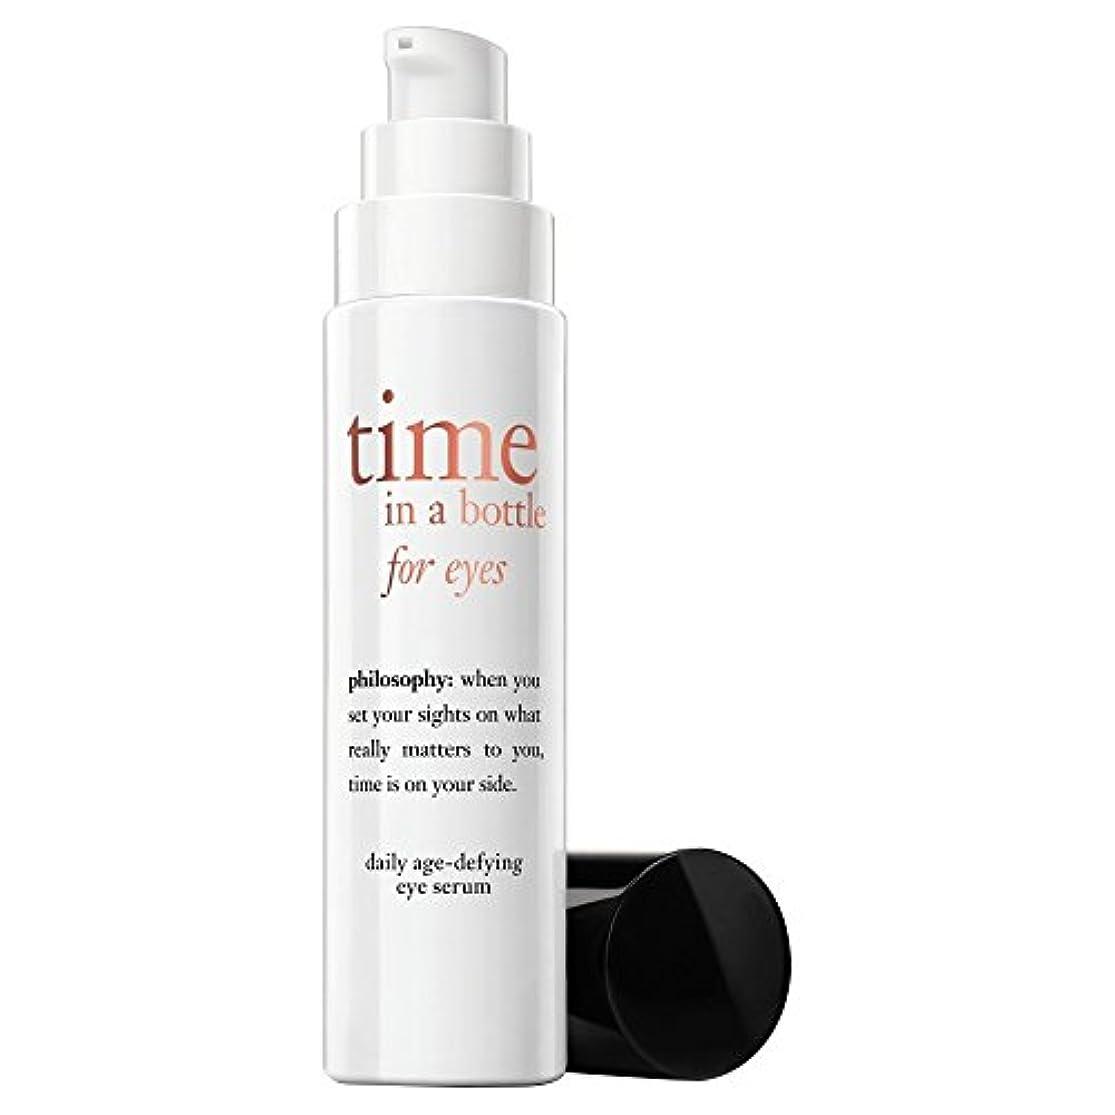 孤独なドライバ赤道ボトルアイクリーム15ミリリットルで哲学時間 (Philosophy) - Philosophy Time in a Bottle Eye Cream 15ml [並行輸入品]